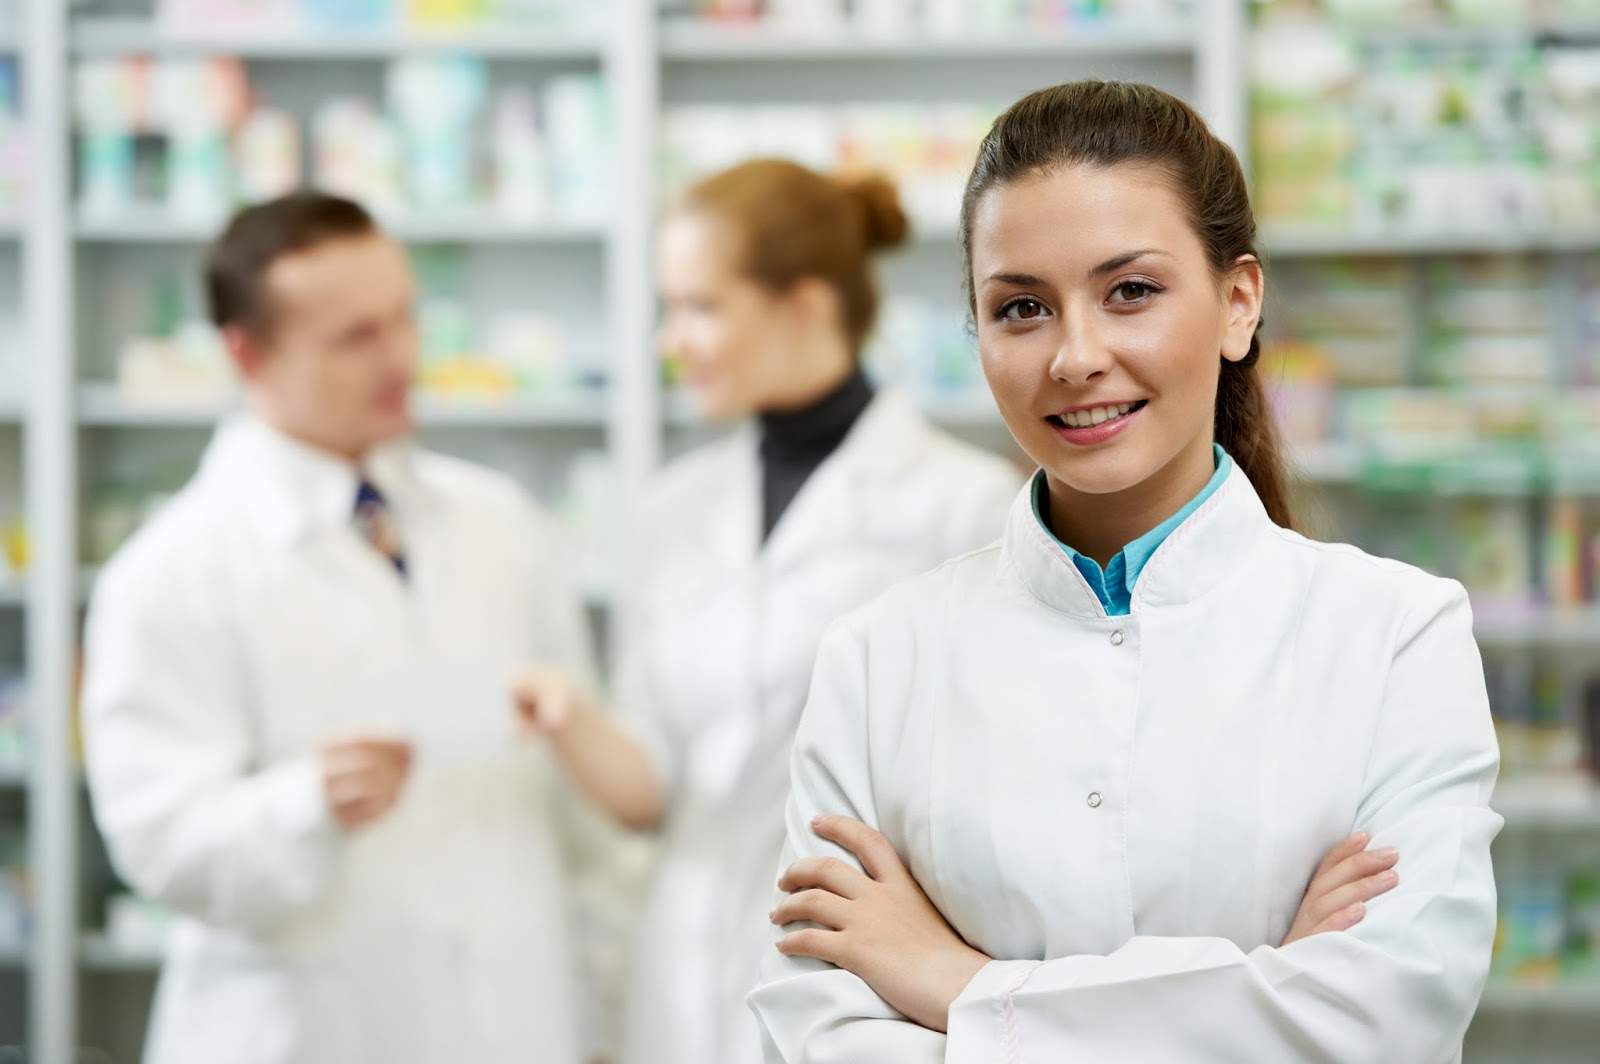 Trường nào tuyển sinh cao đẳng Dược ? là câu hỏi mà hầu hết các thí sinh đều đặt ra khi có nguyện vọng xét tuyển ngành này